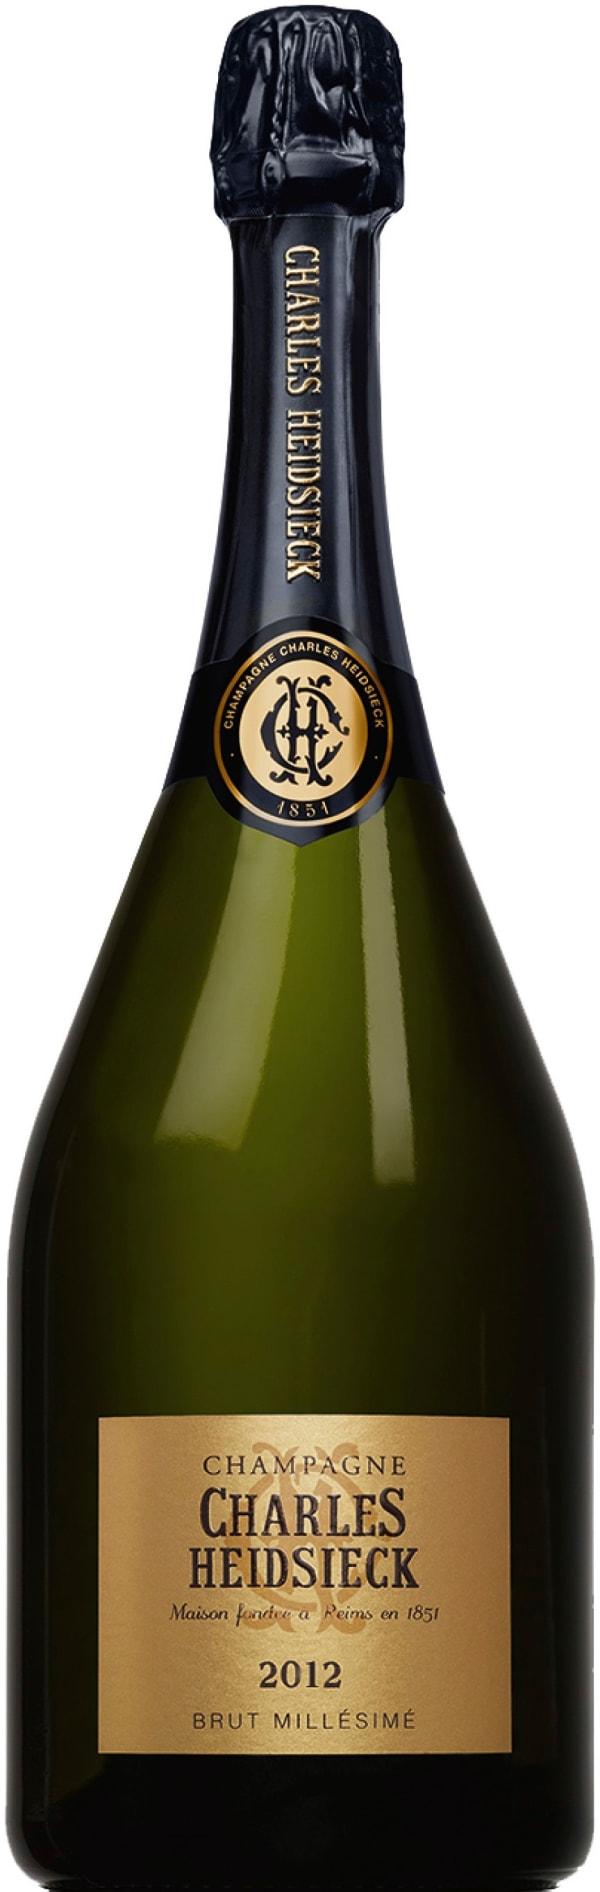 Charles Heidsieck Vintage Champagne Brut 2006